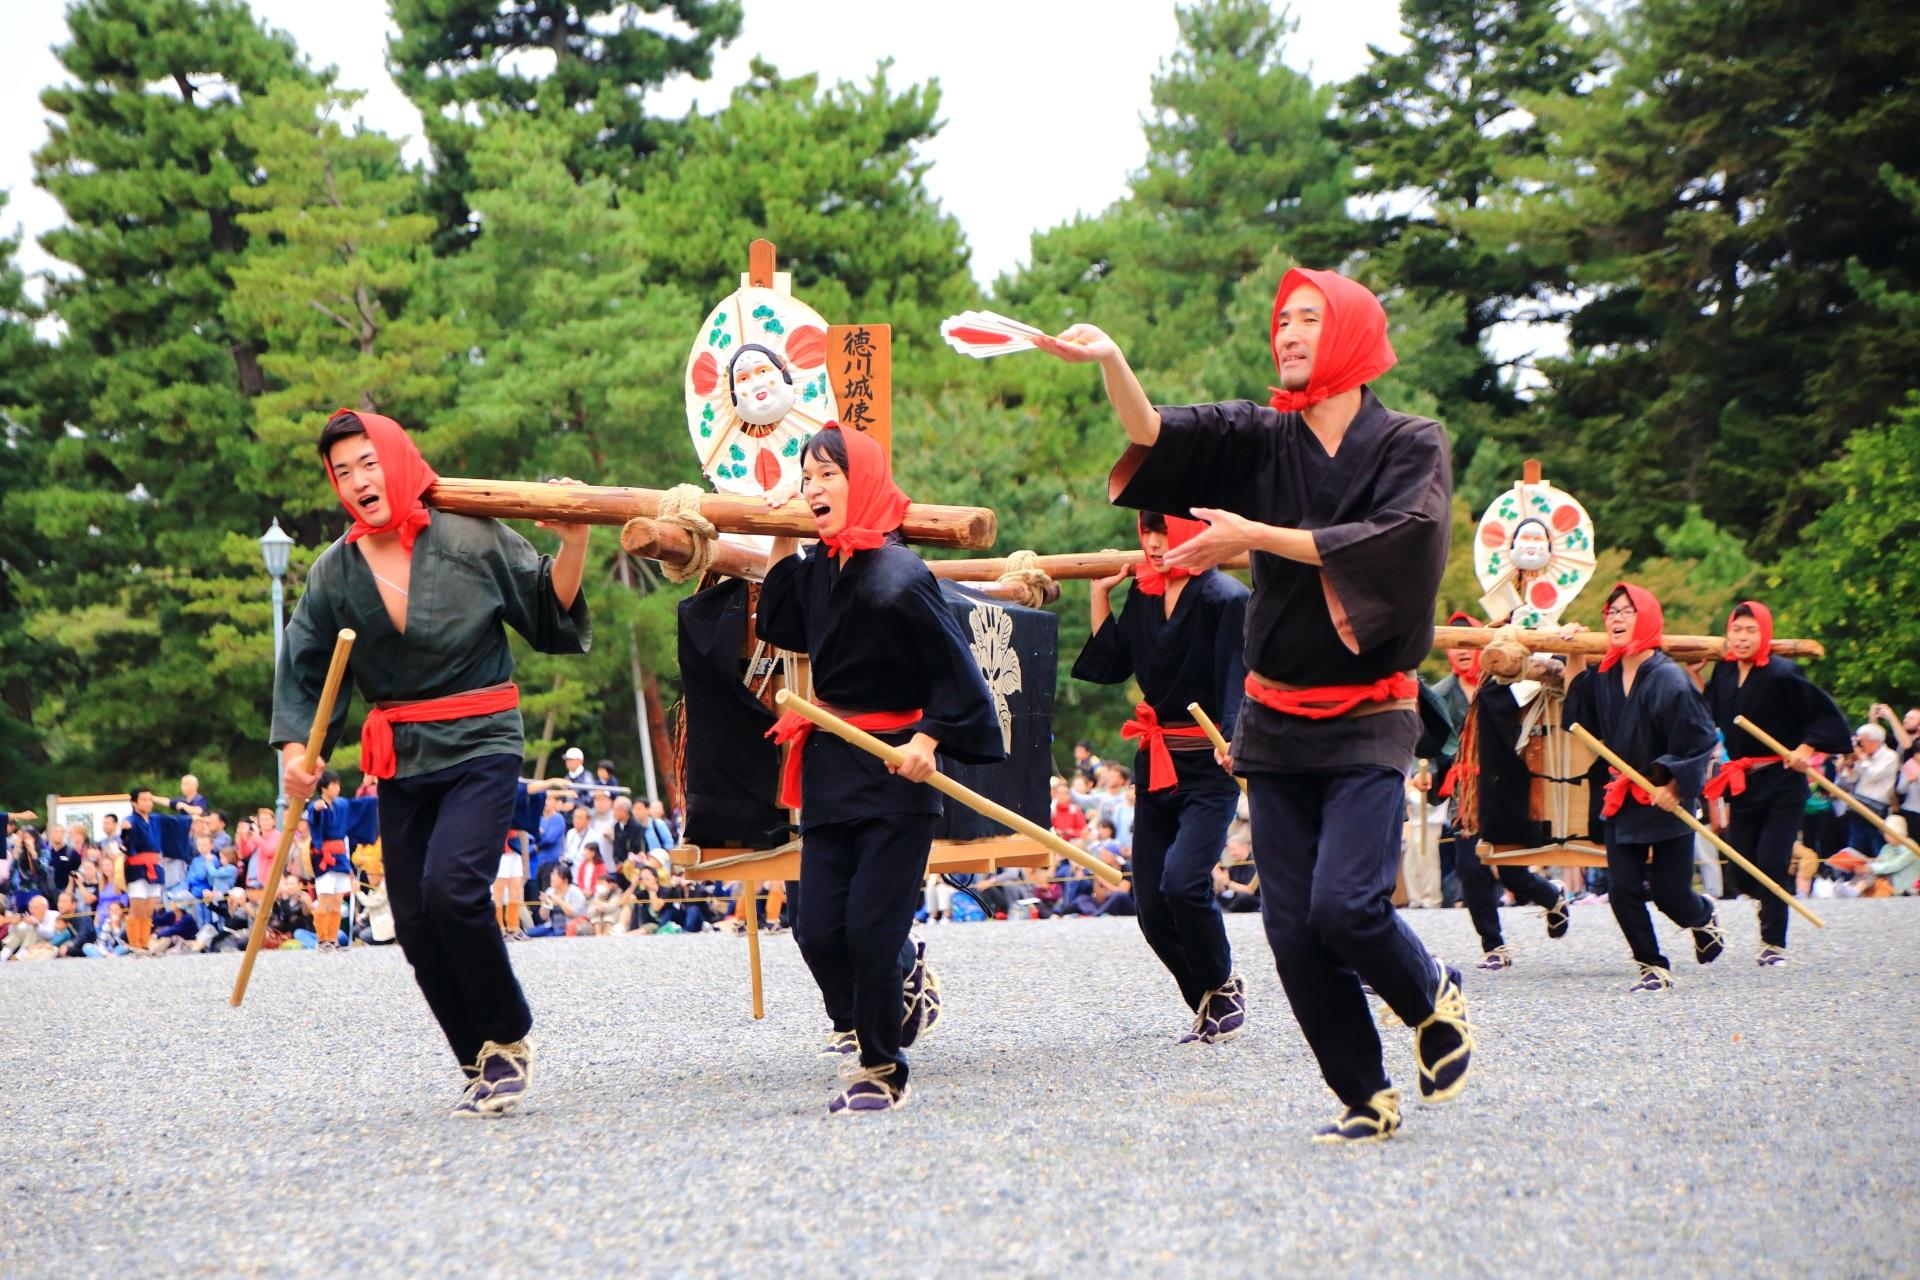 江戸時代の徳川城使上洛列(とくがわじょうしじょうらくれつ)